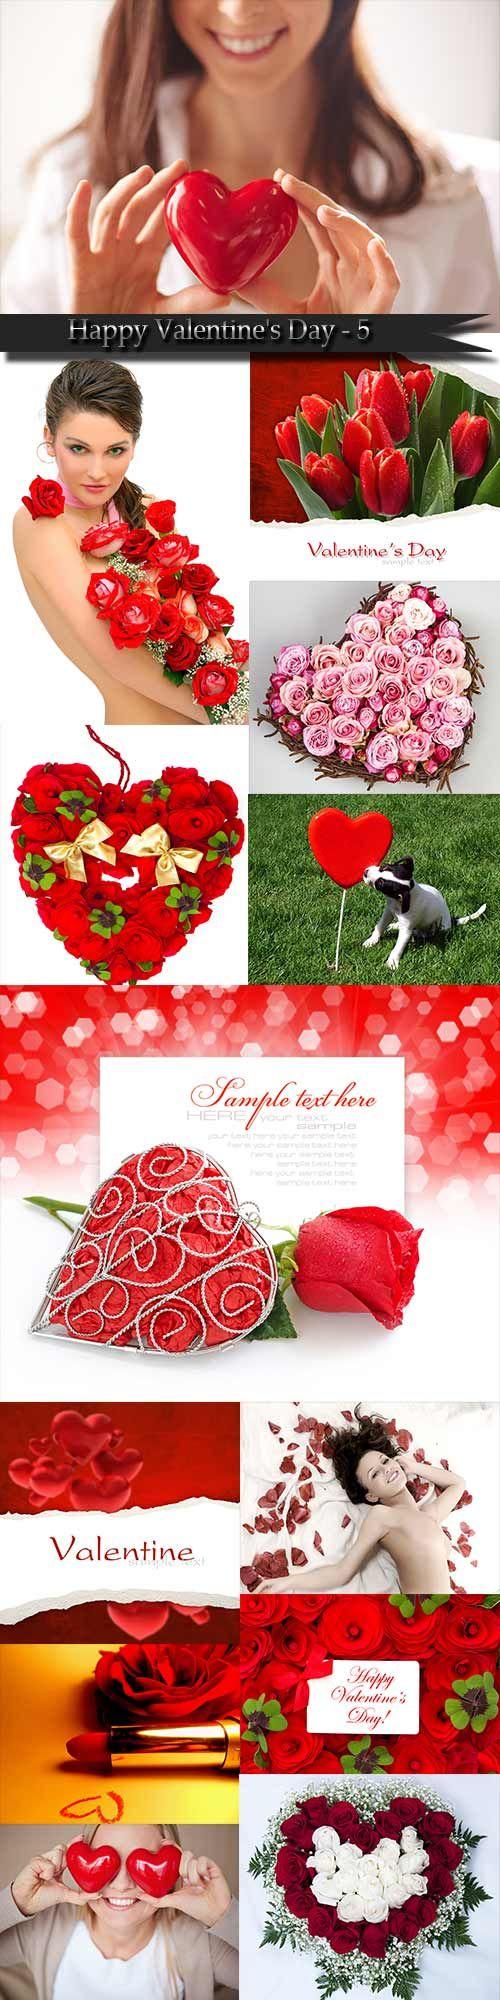 Happy Valentine's Day - 5